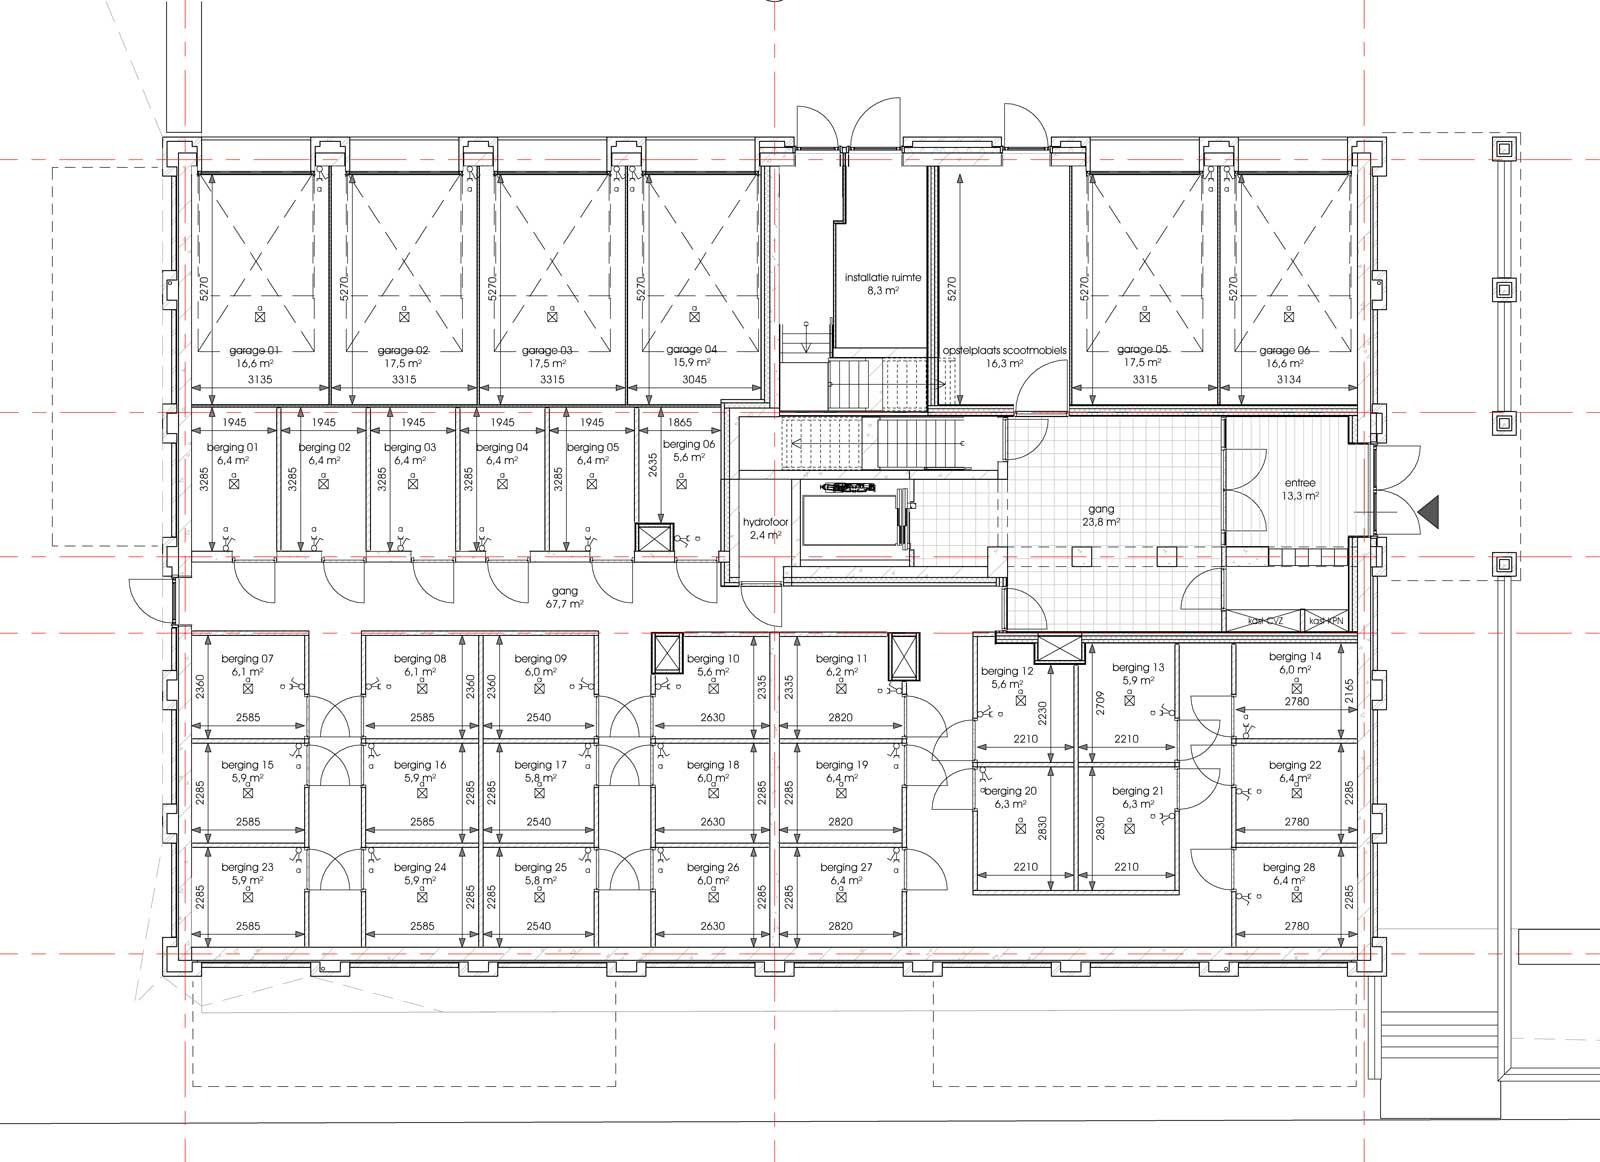 Ede residentie Enka appartementencomplex - Begane grond